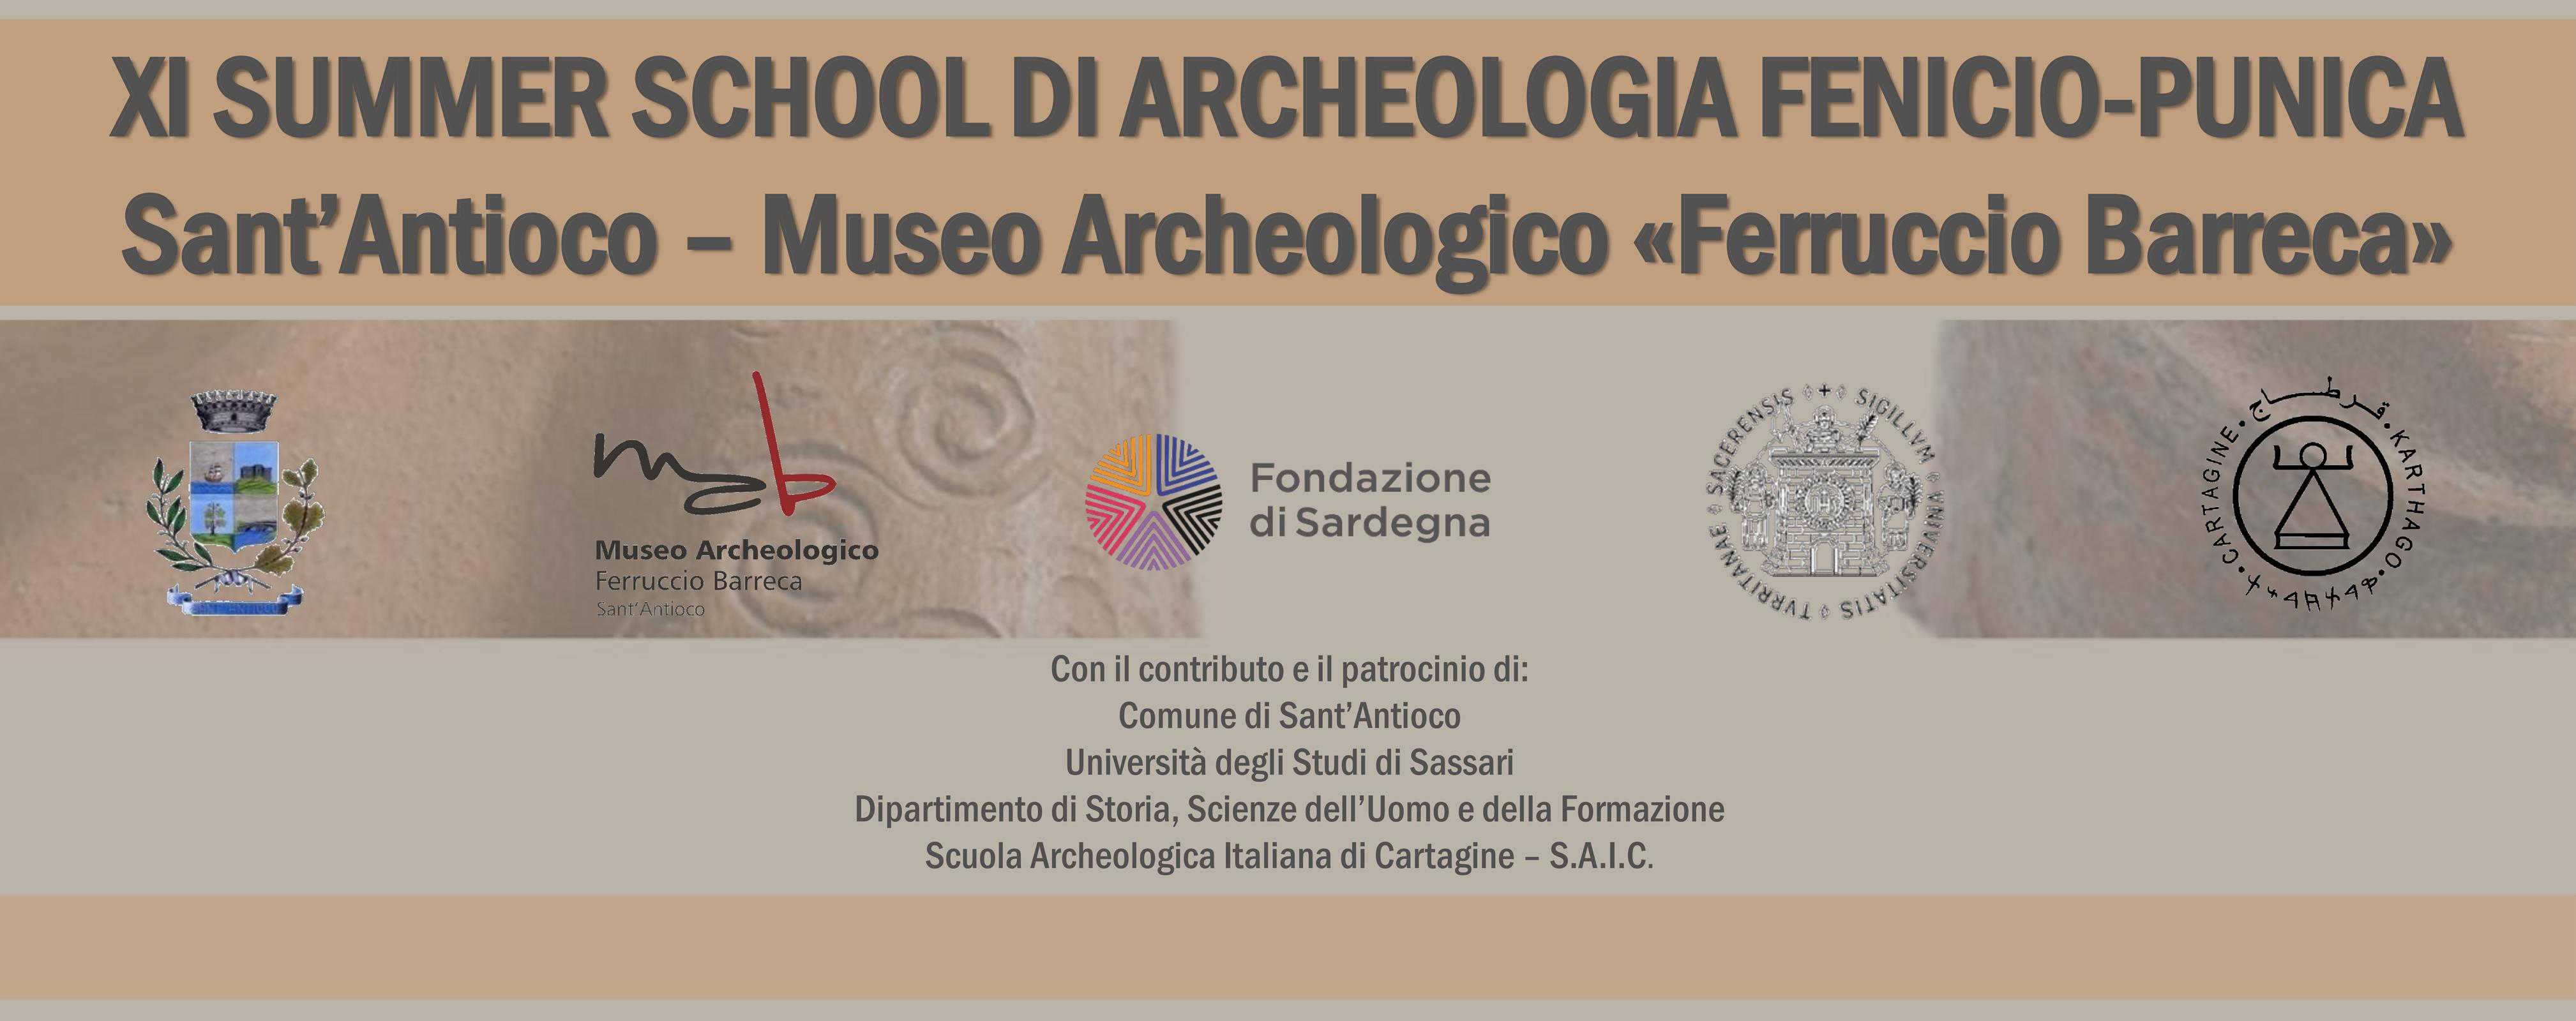 Henge alla Summer School di Archeologia